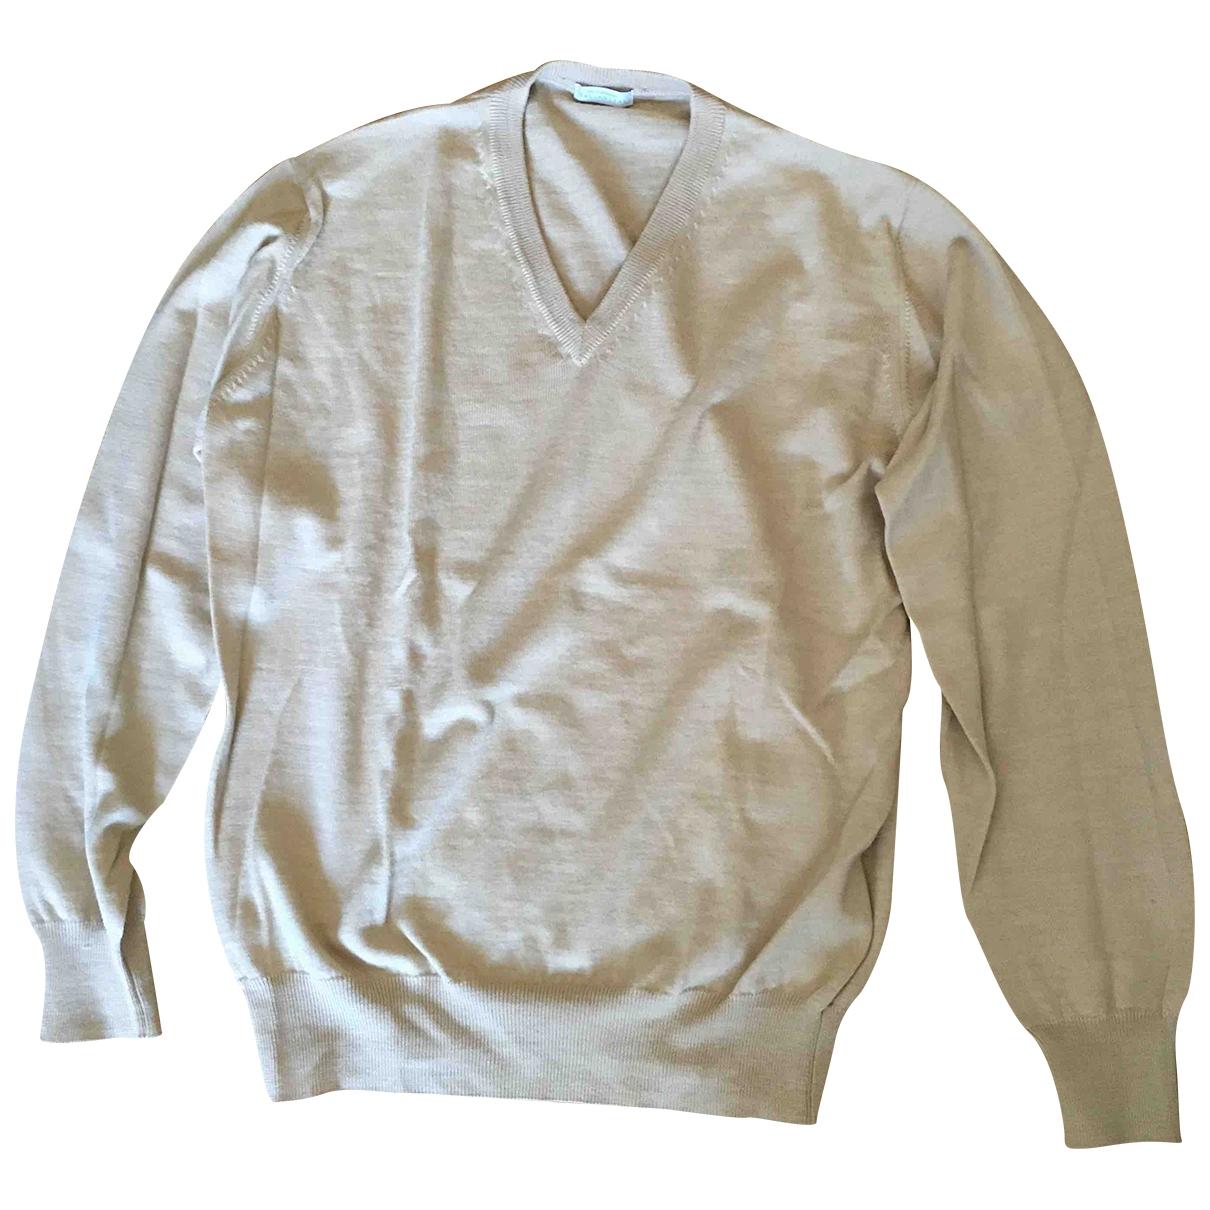 Ballantyne \N Beige Wool Knitwear for Women 50-52 IT